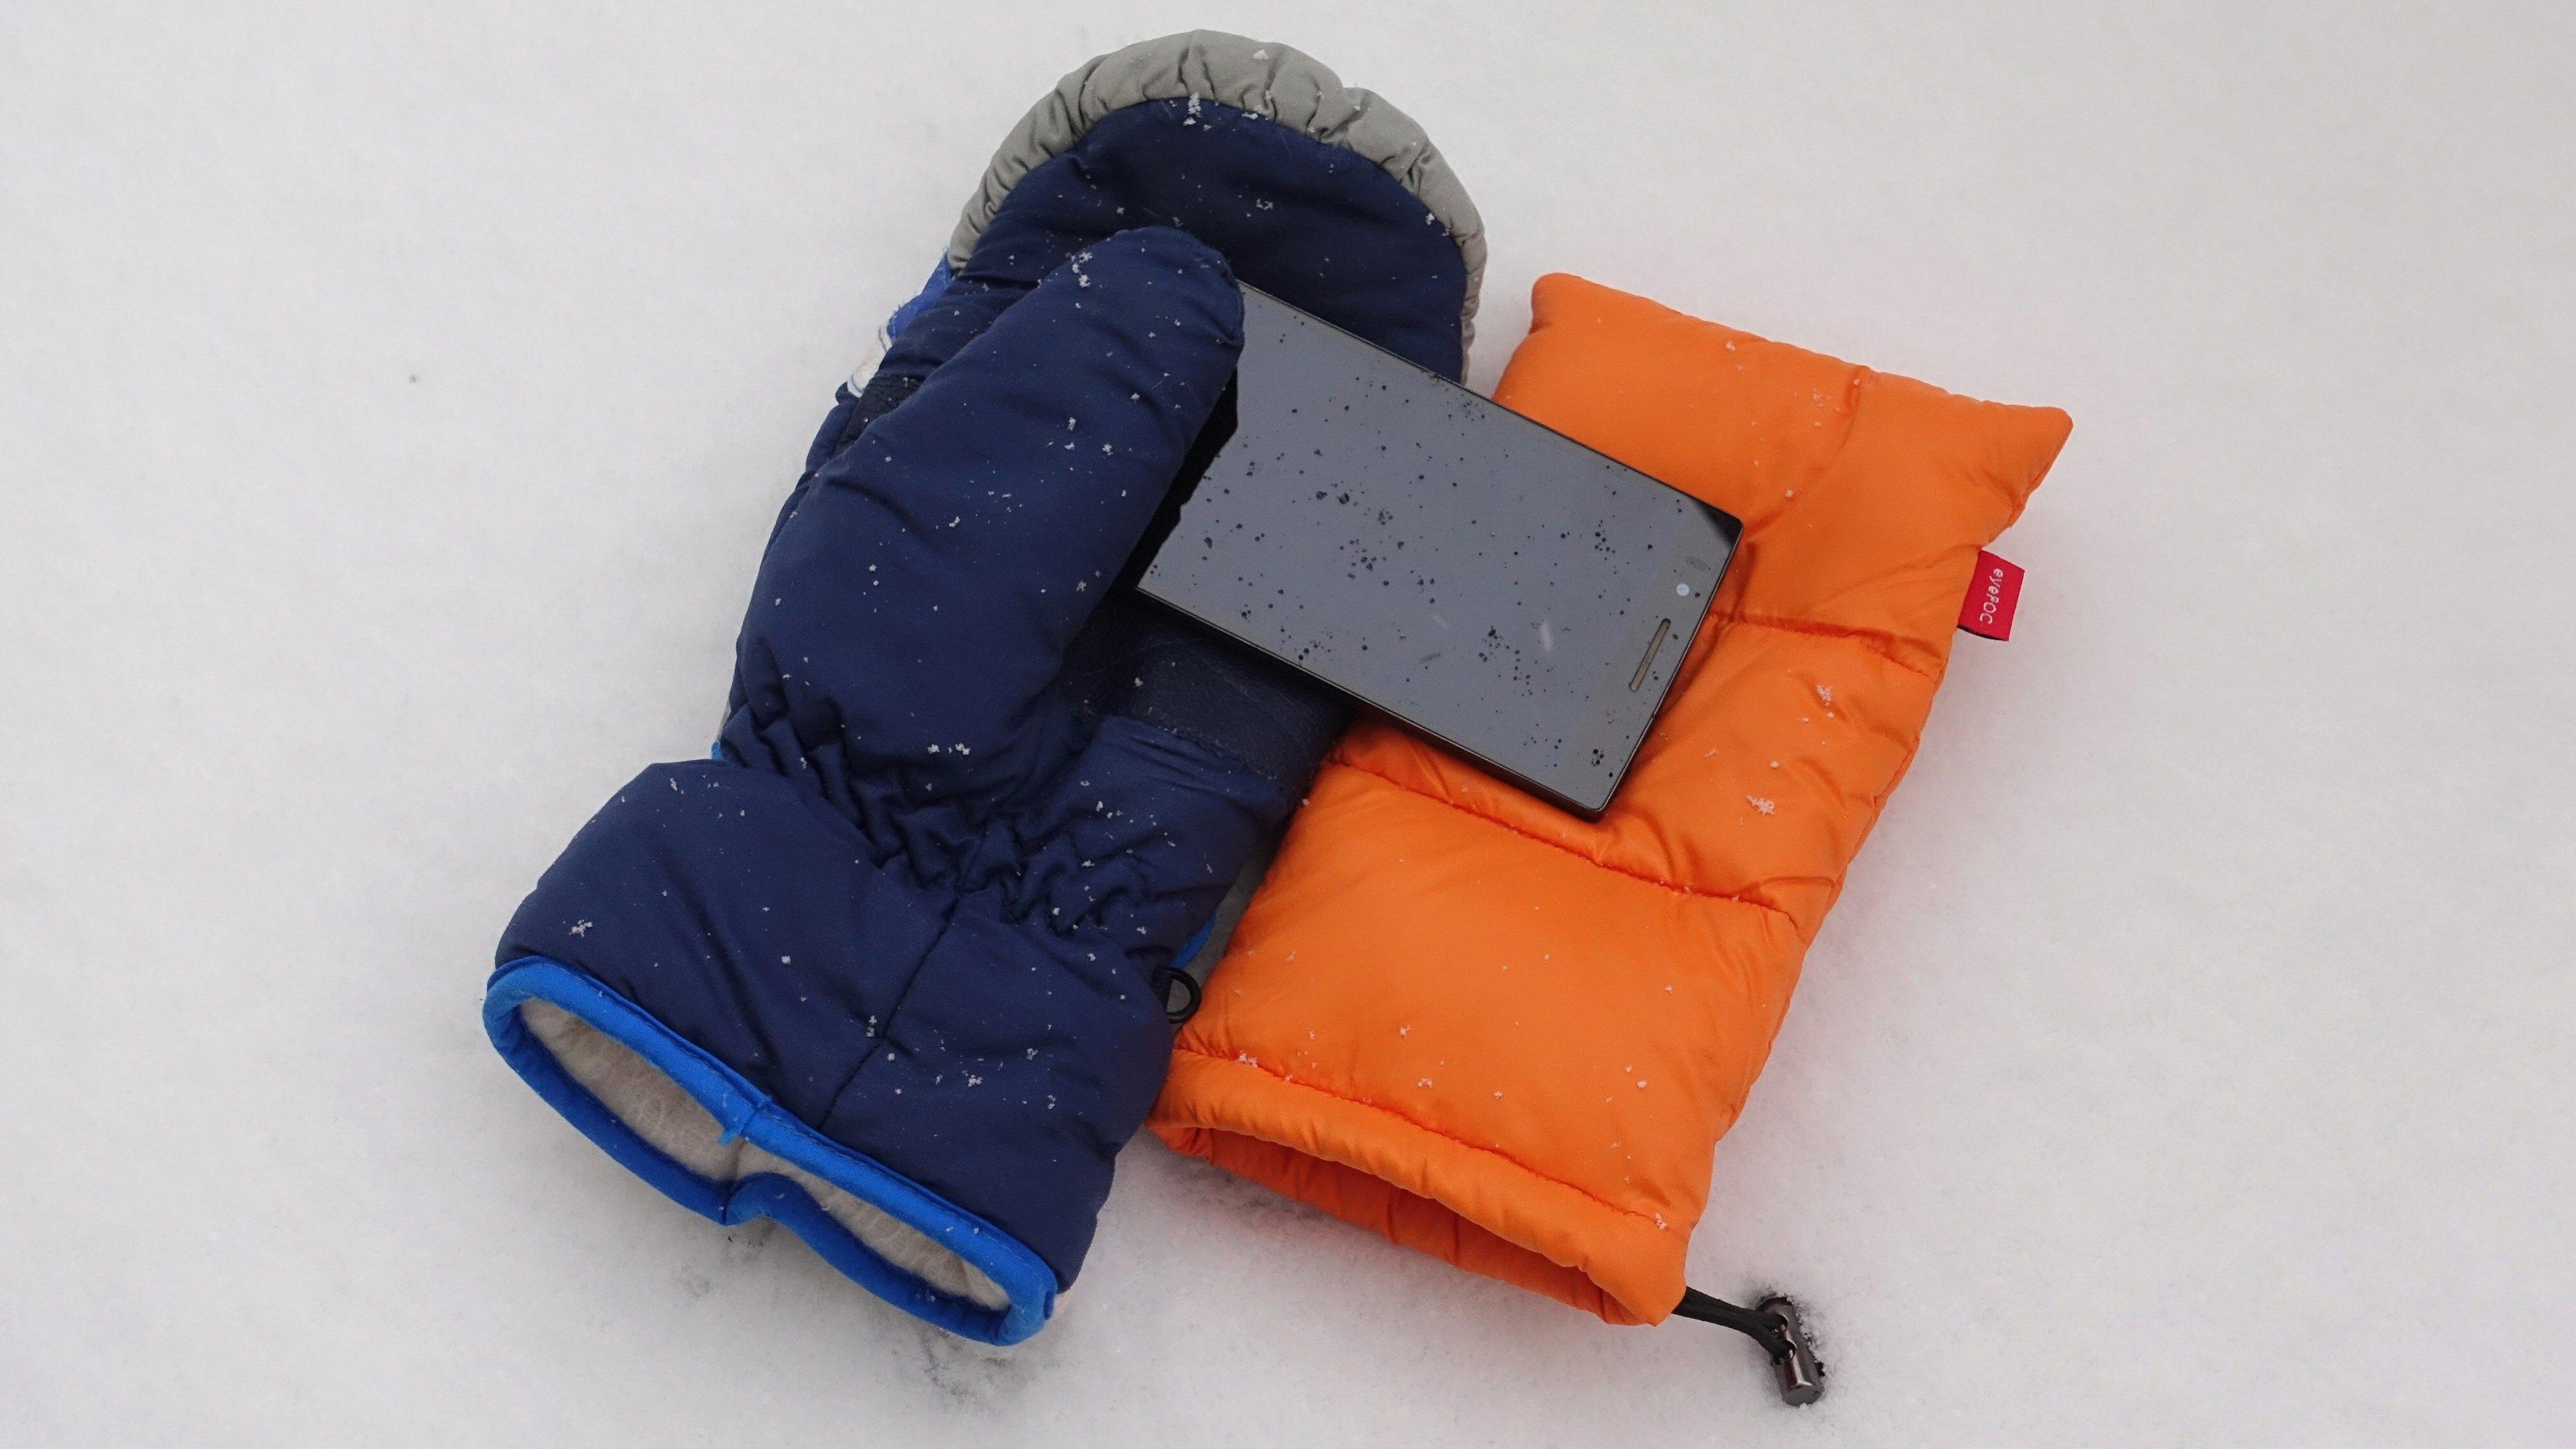 Hjelper det å putte mobilen i en vott, eller en dedikert termopose, når det blir kaldt?